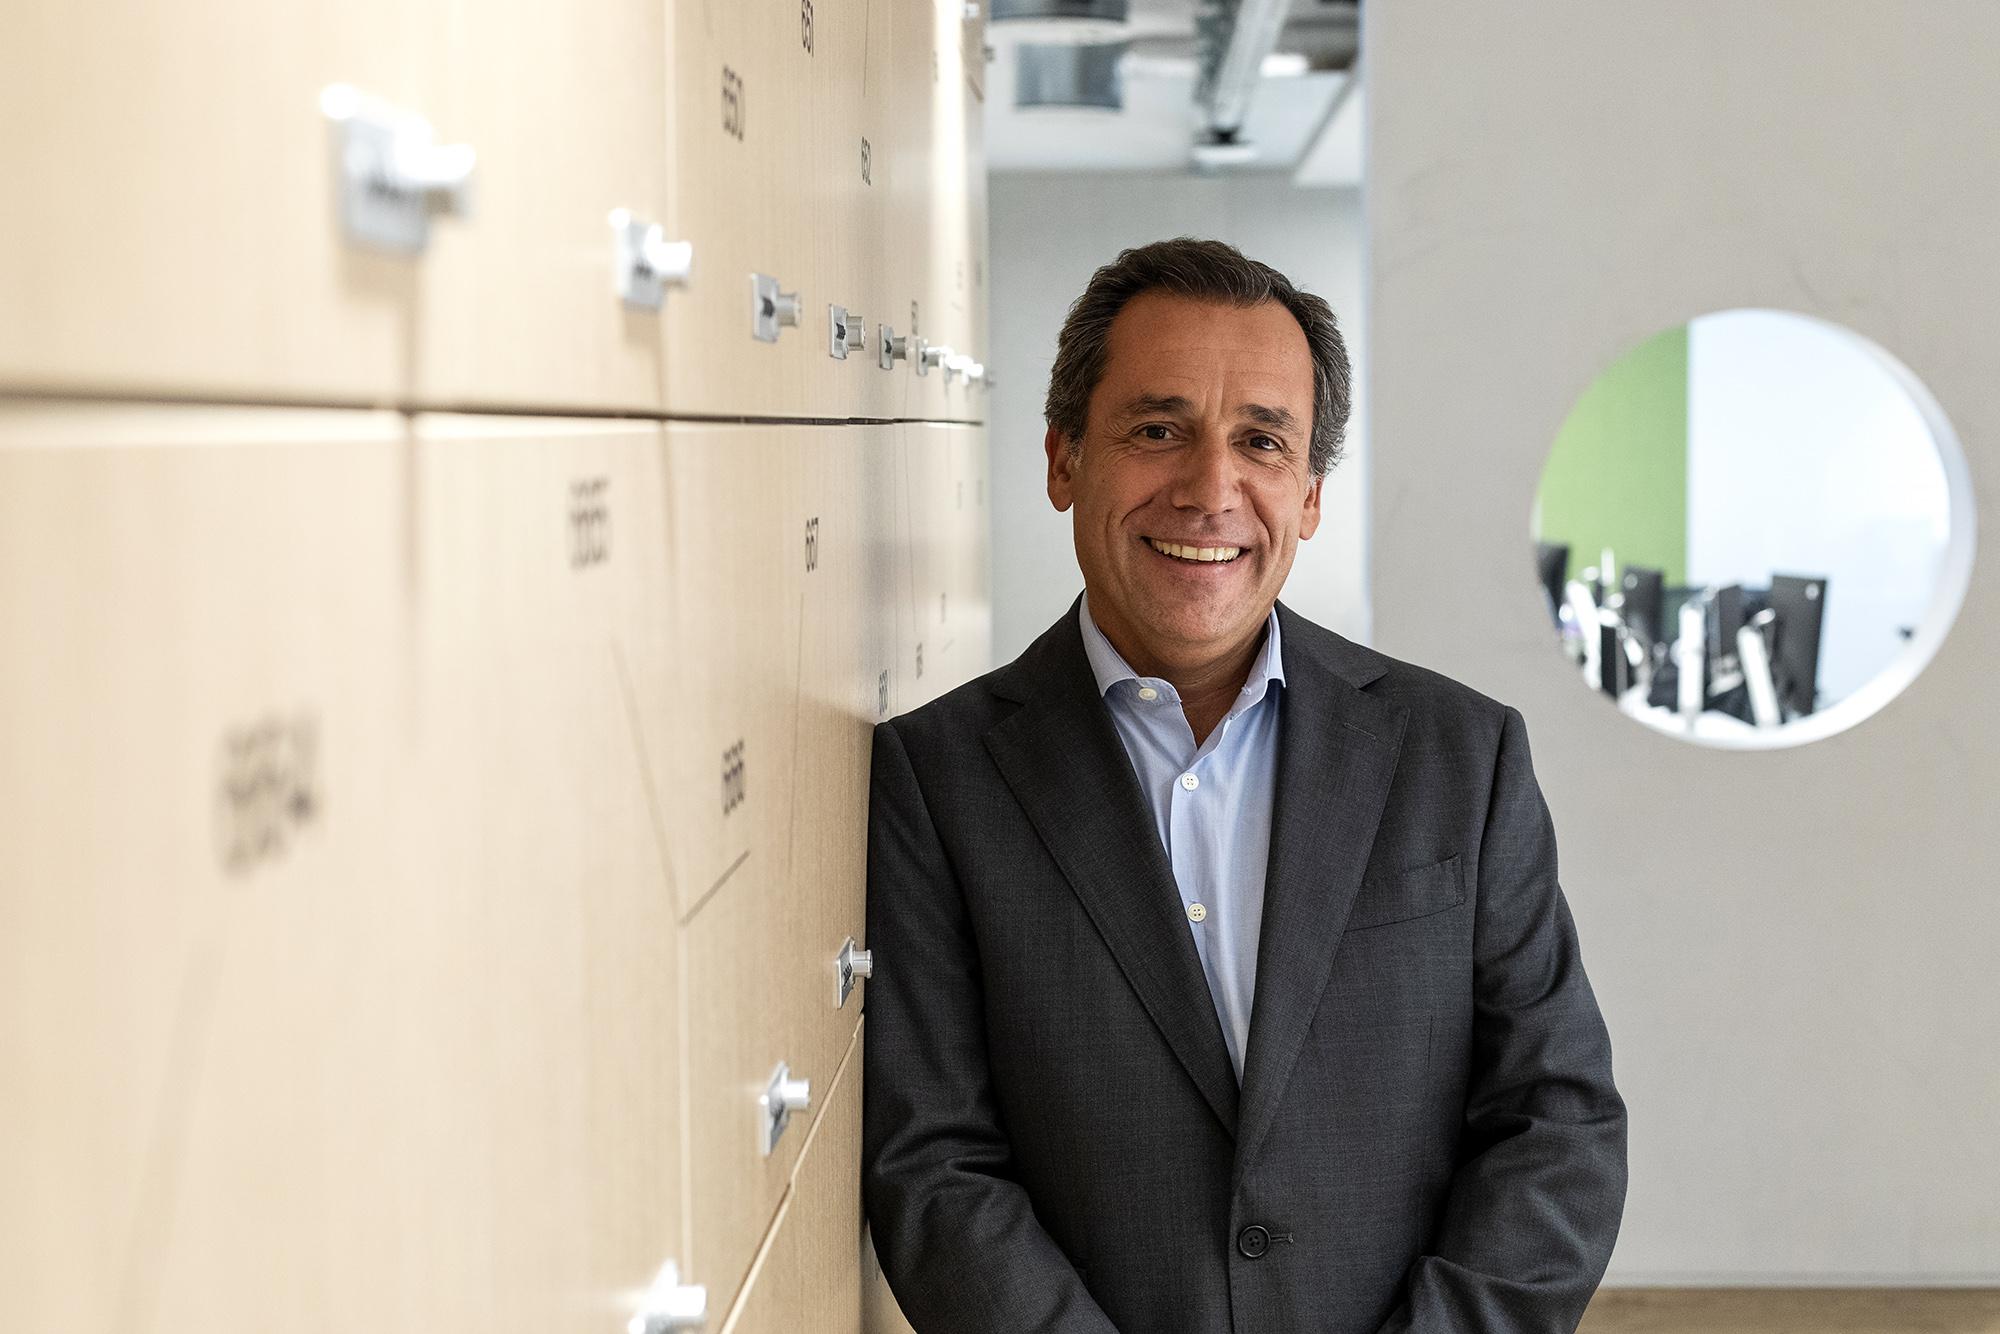 Rodrigo Simões de Almeida, CEO da Marsh Portugal, em entrevista ao ECO Seguros - 23SET21